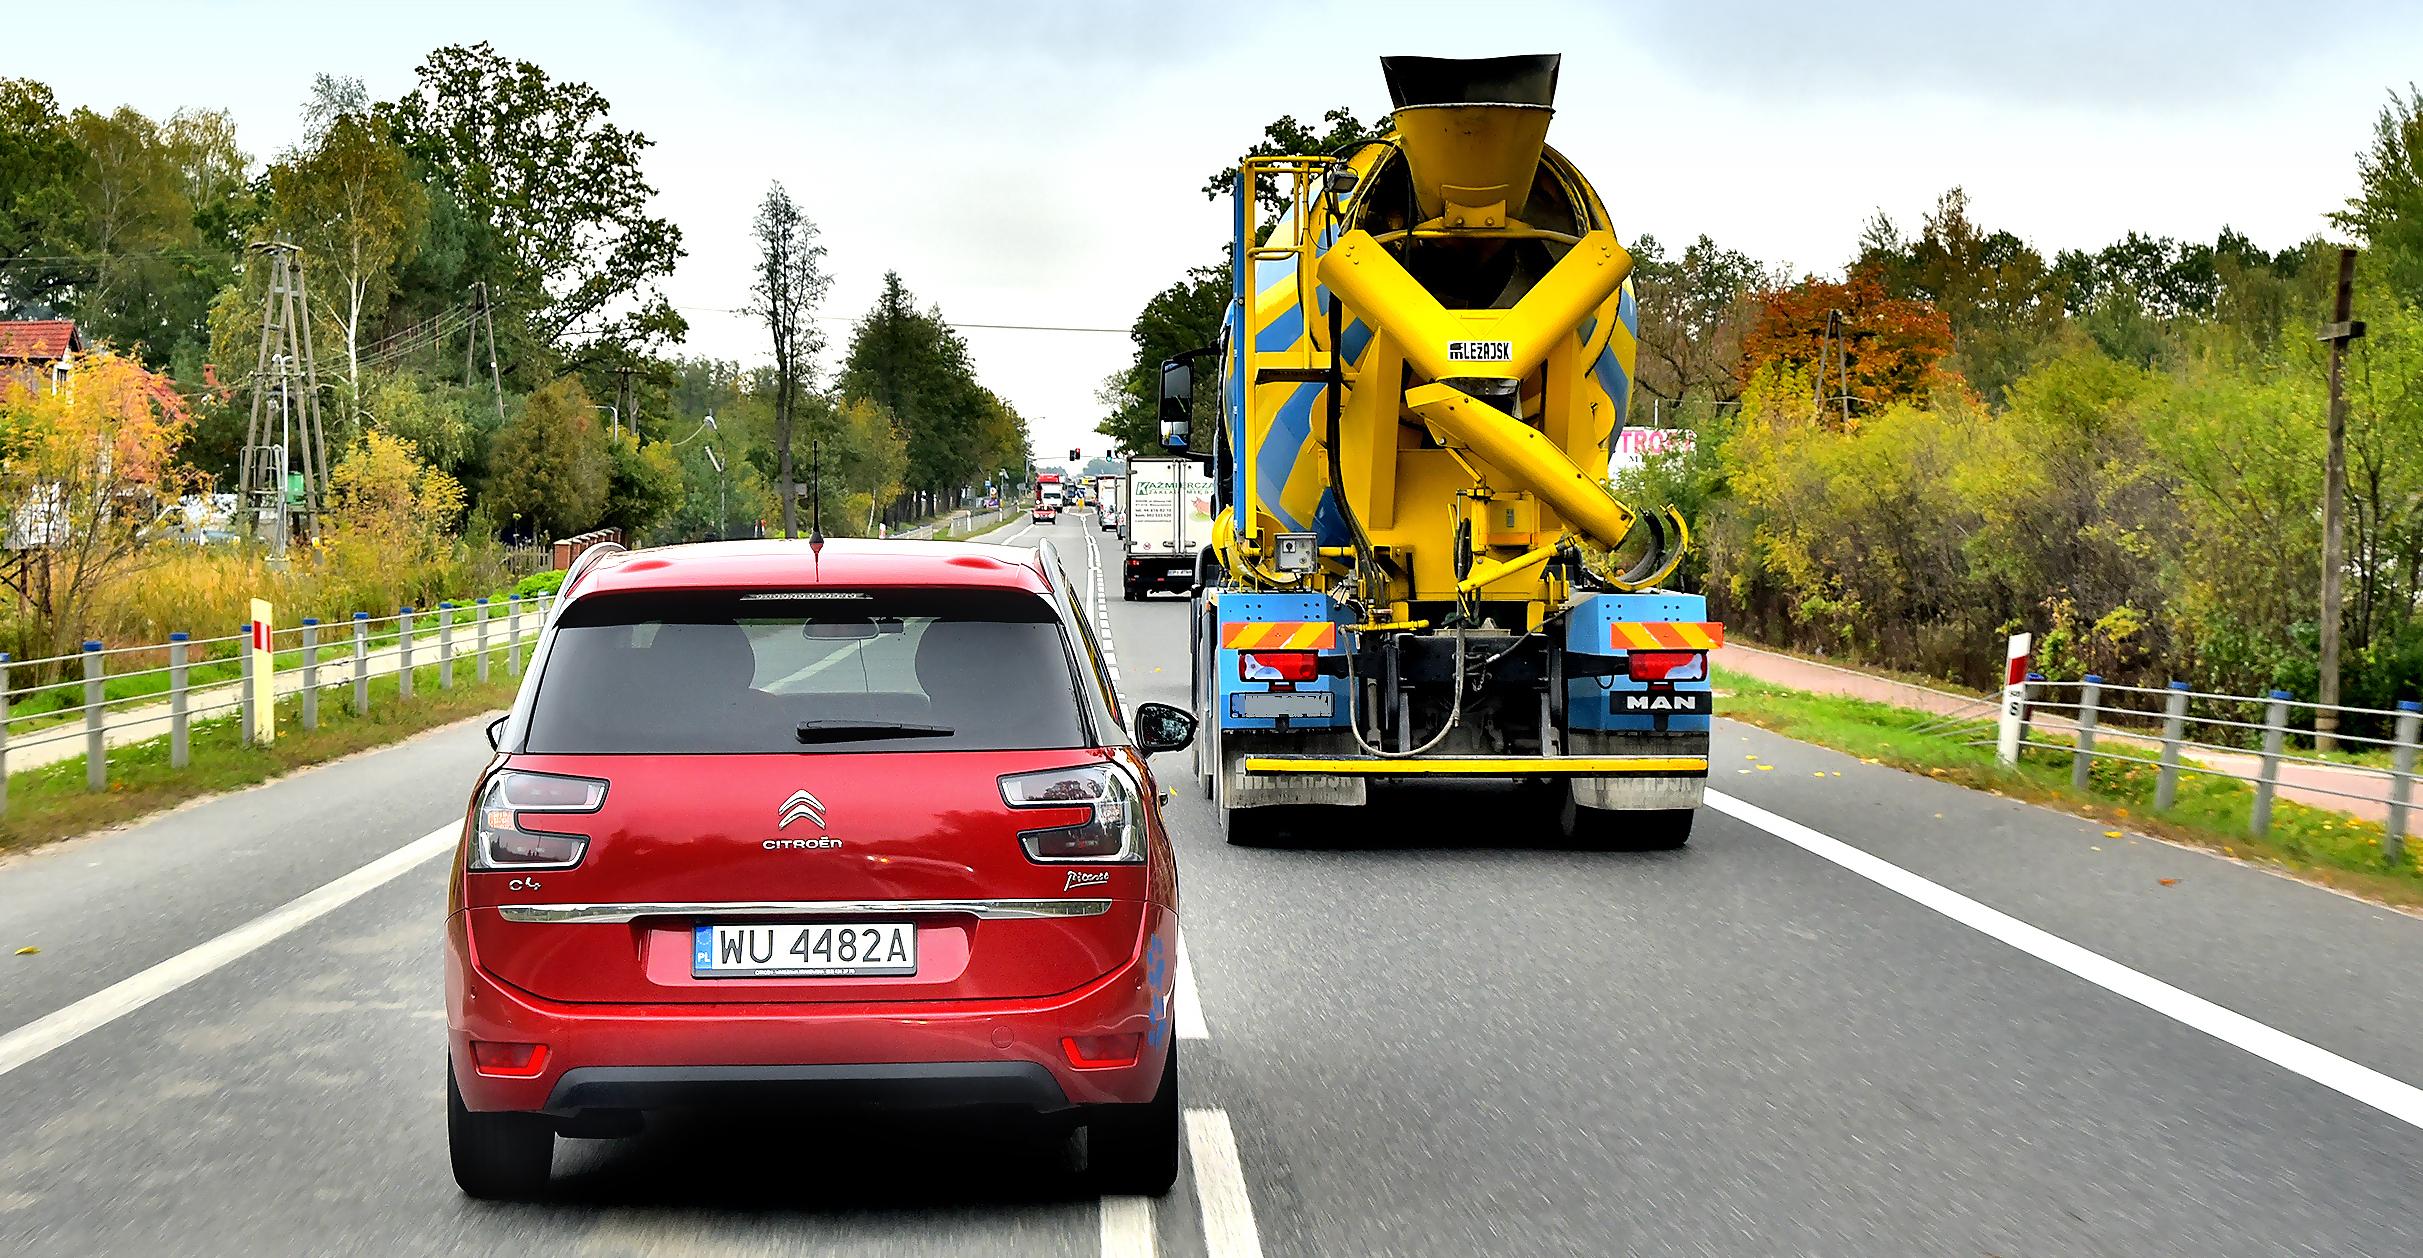 Citroen wyprzedza ciężarówkę nadrodze jednopasmowej